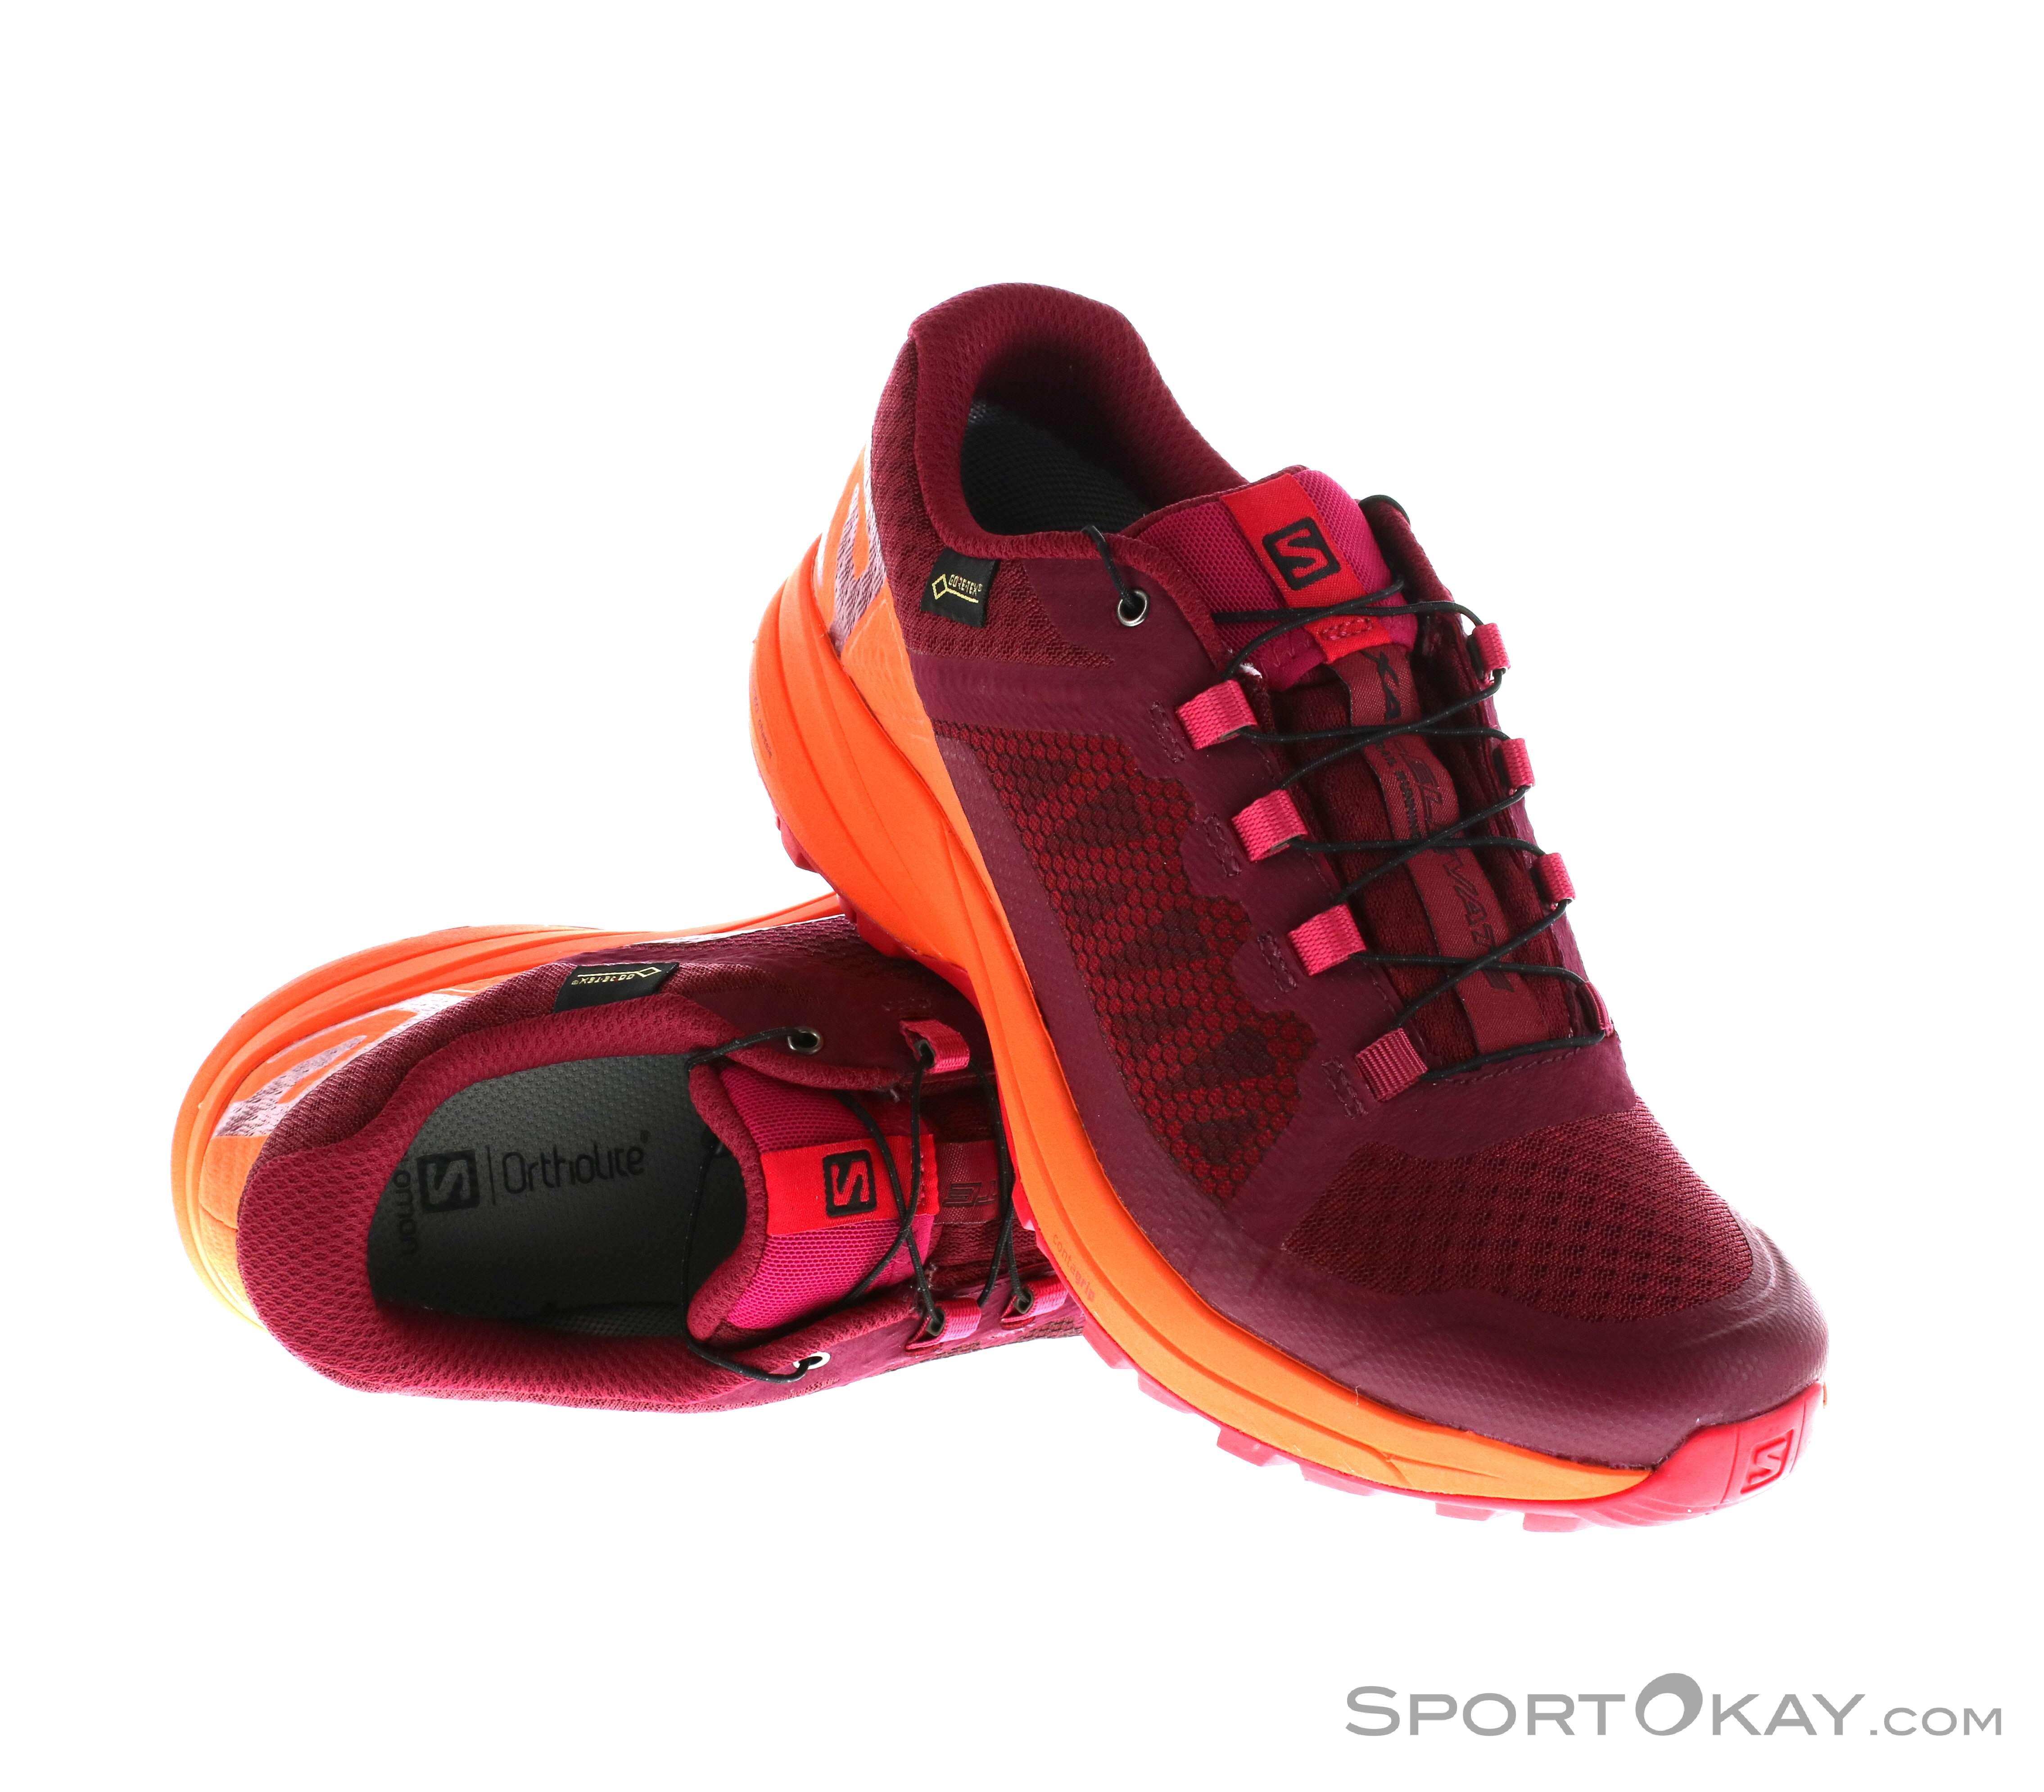 Salomon XA Elevate GTX Womens Trail Running Shoes Gore Tex